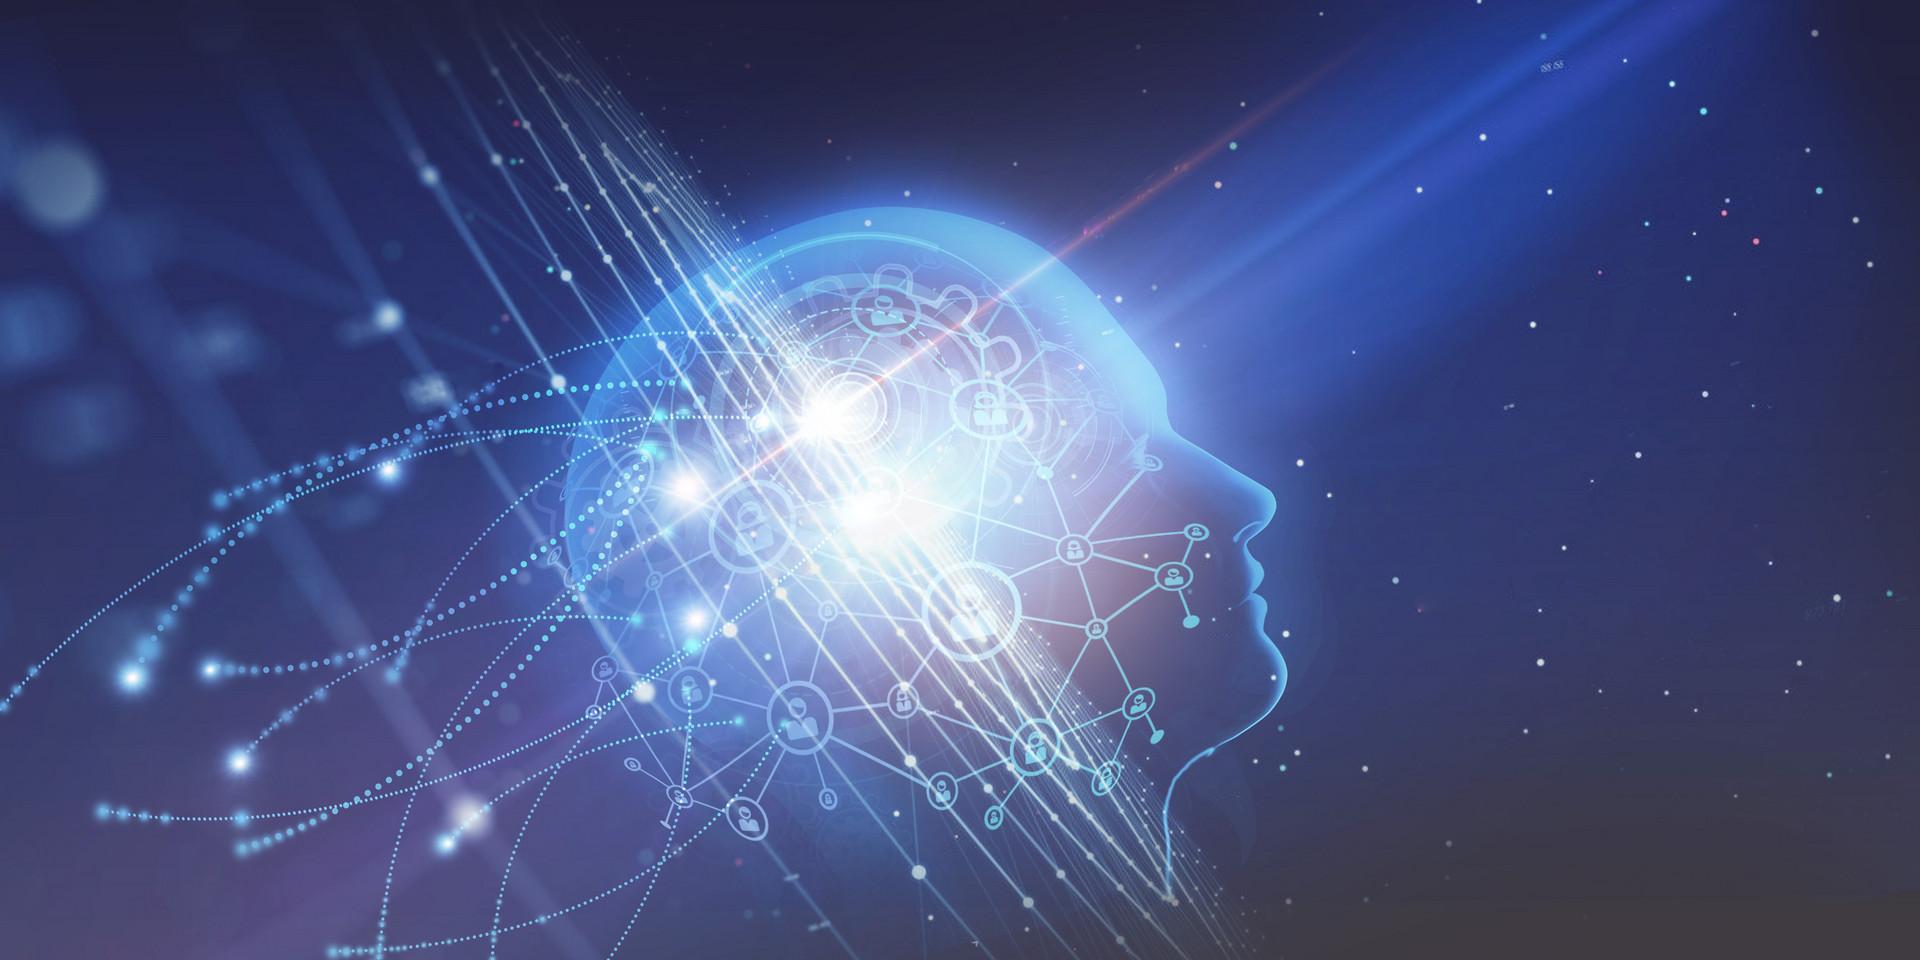 瓶颈到突破 人工智能技术发展面临哪些难关!